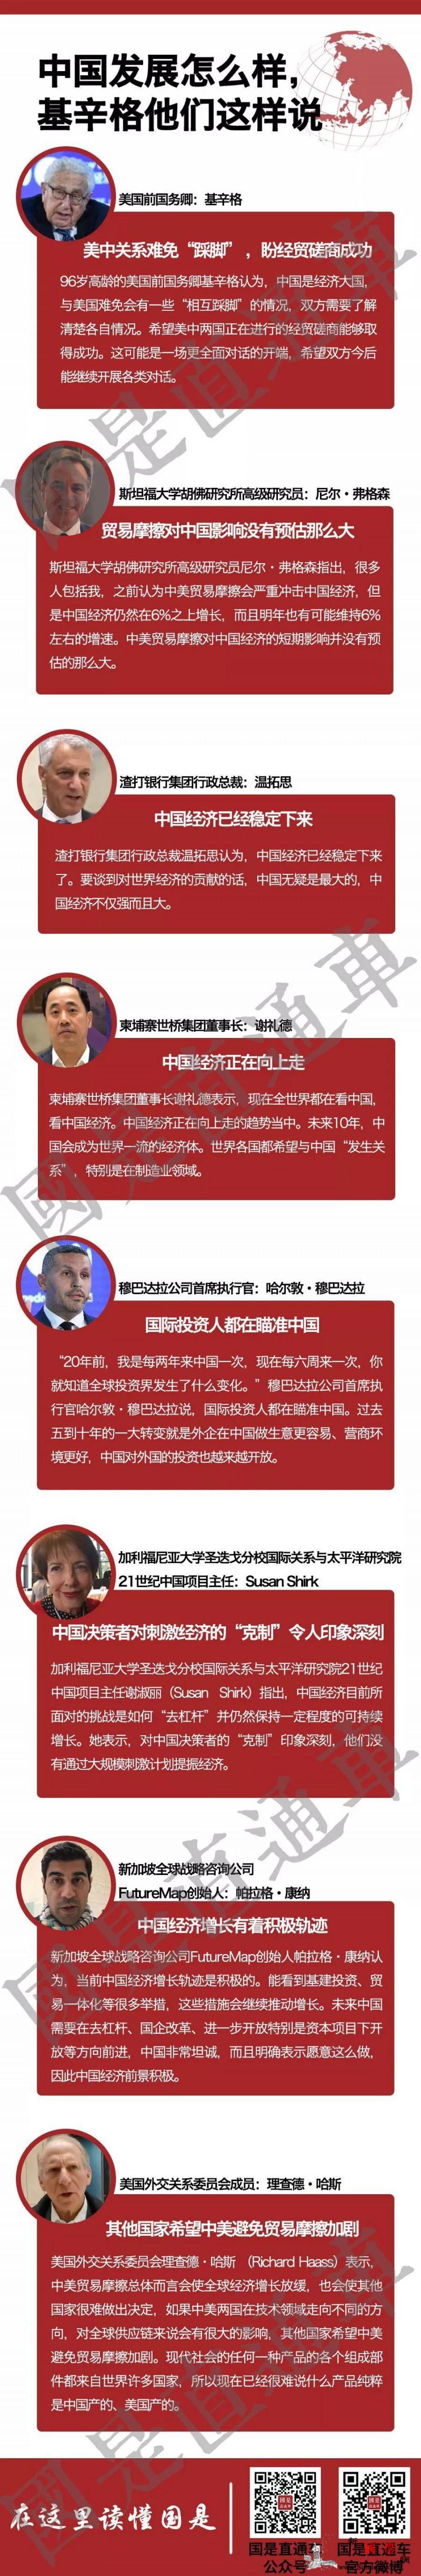 中国发展怎么样基辛格他们这样说_画中画-基辛格-广告-